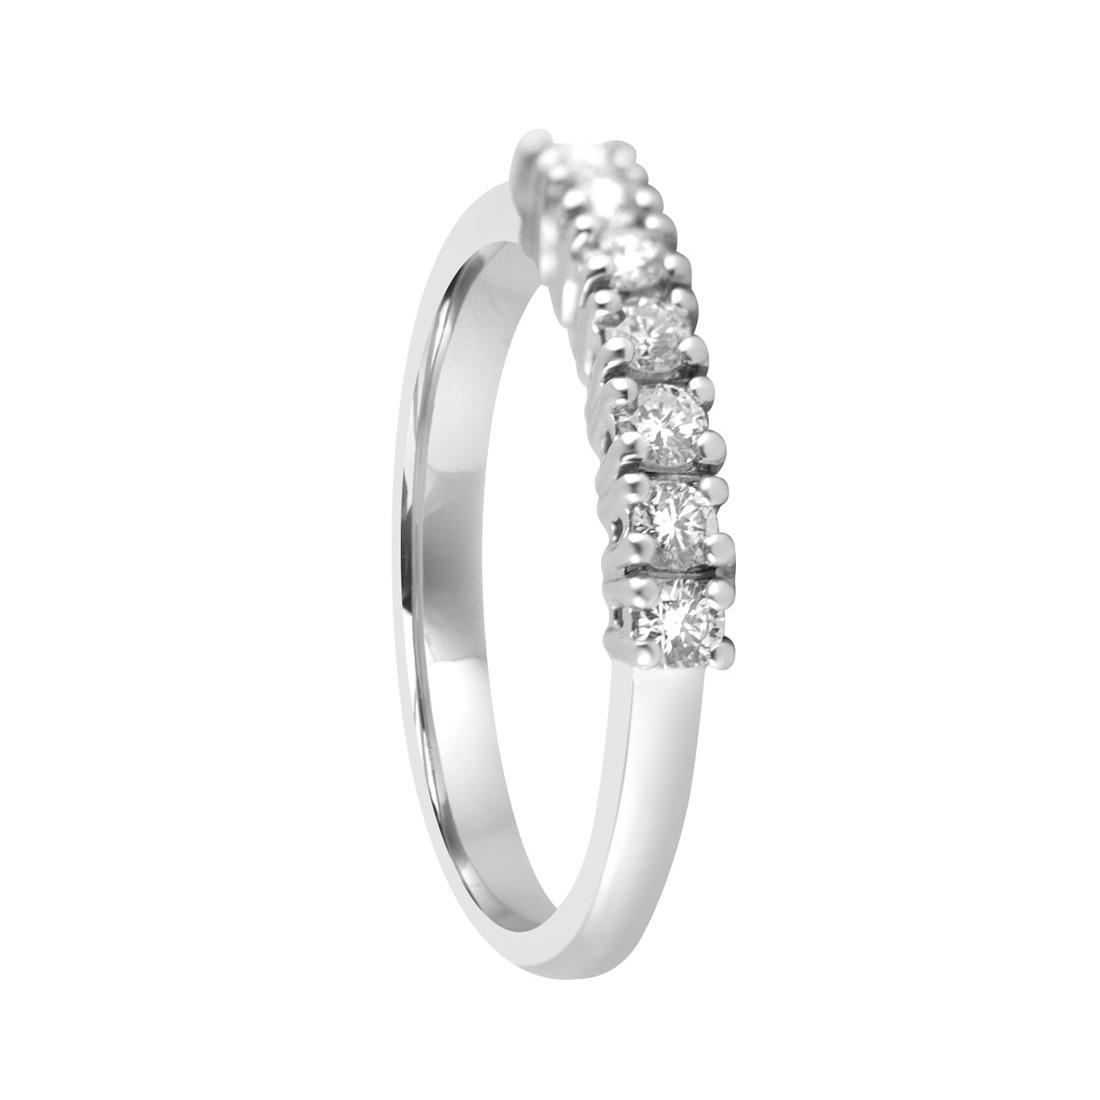 Anello riviere 7 pietre in oro bianco con diamanti mis 14.5 - ALFIERI & ST. JOHN